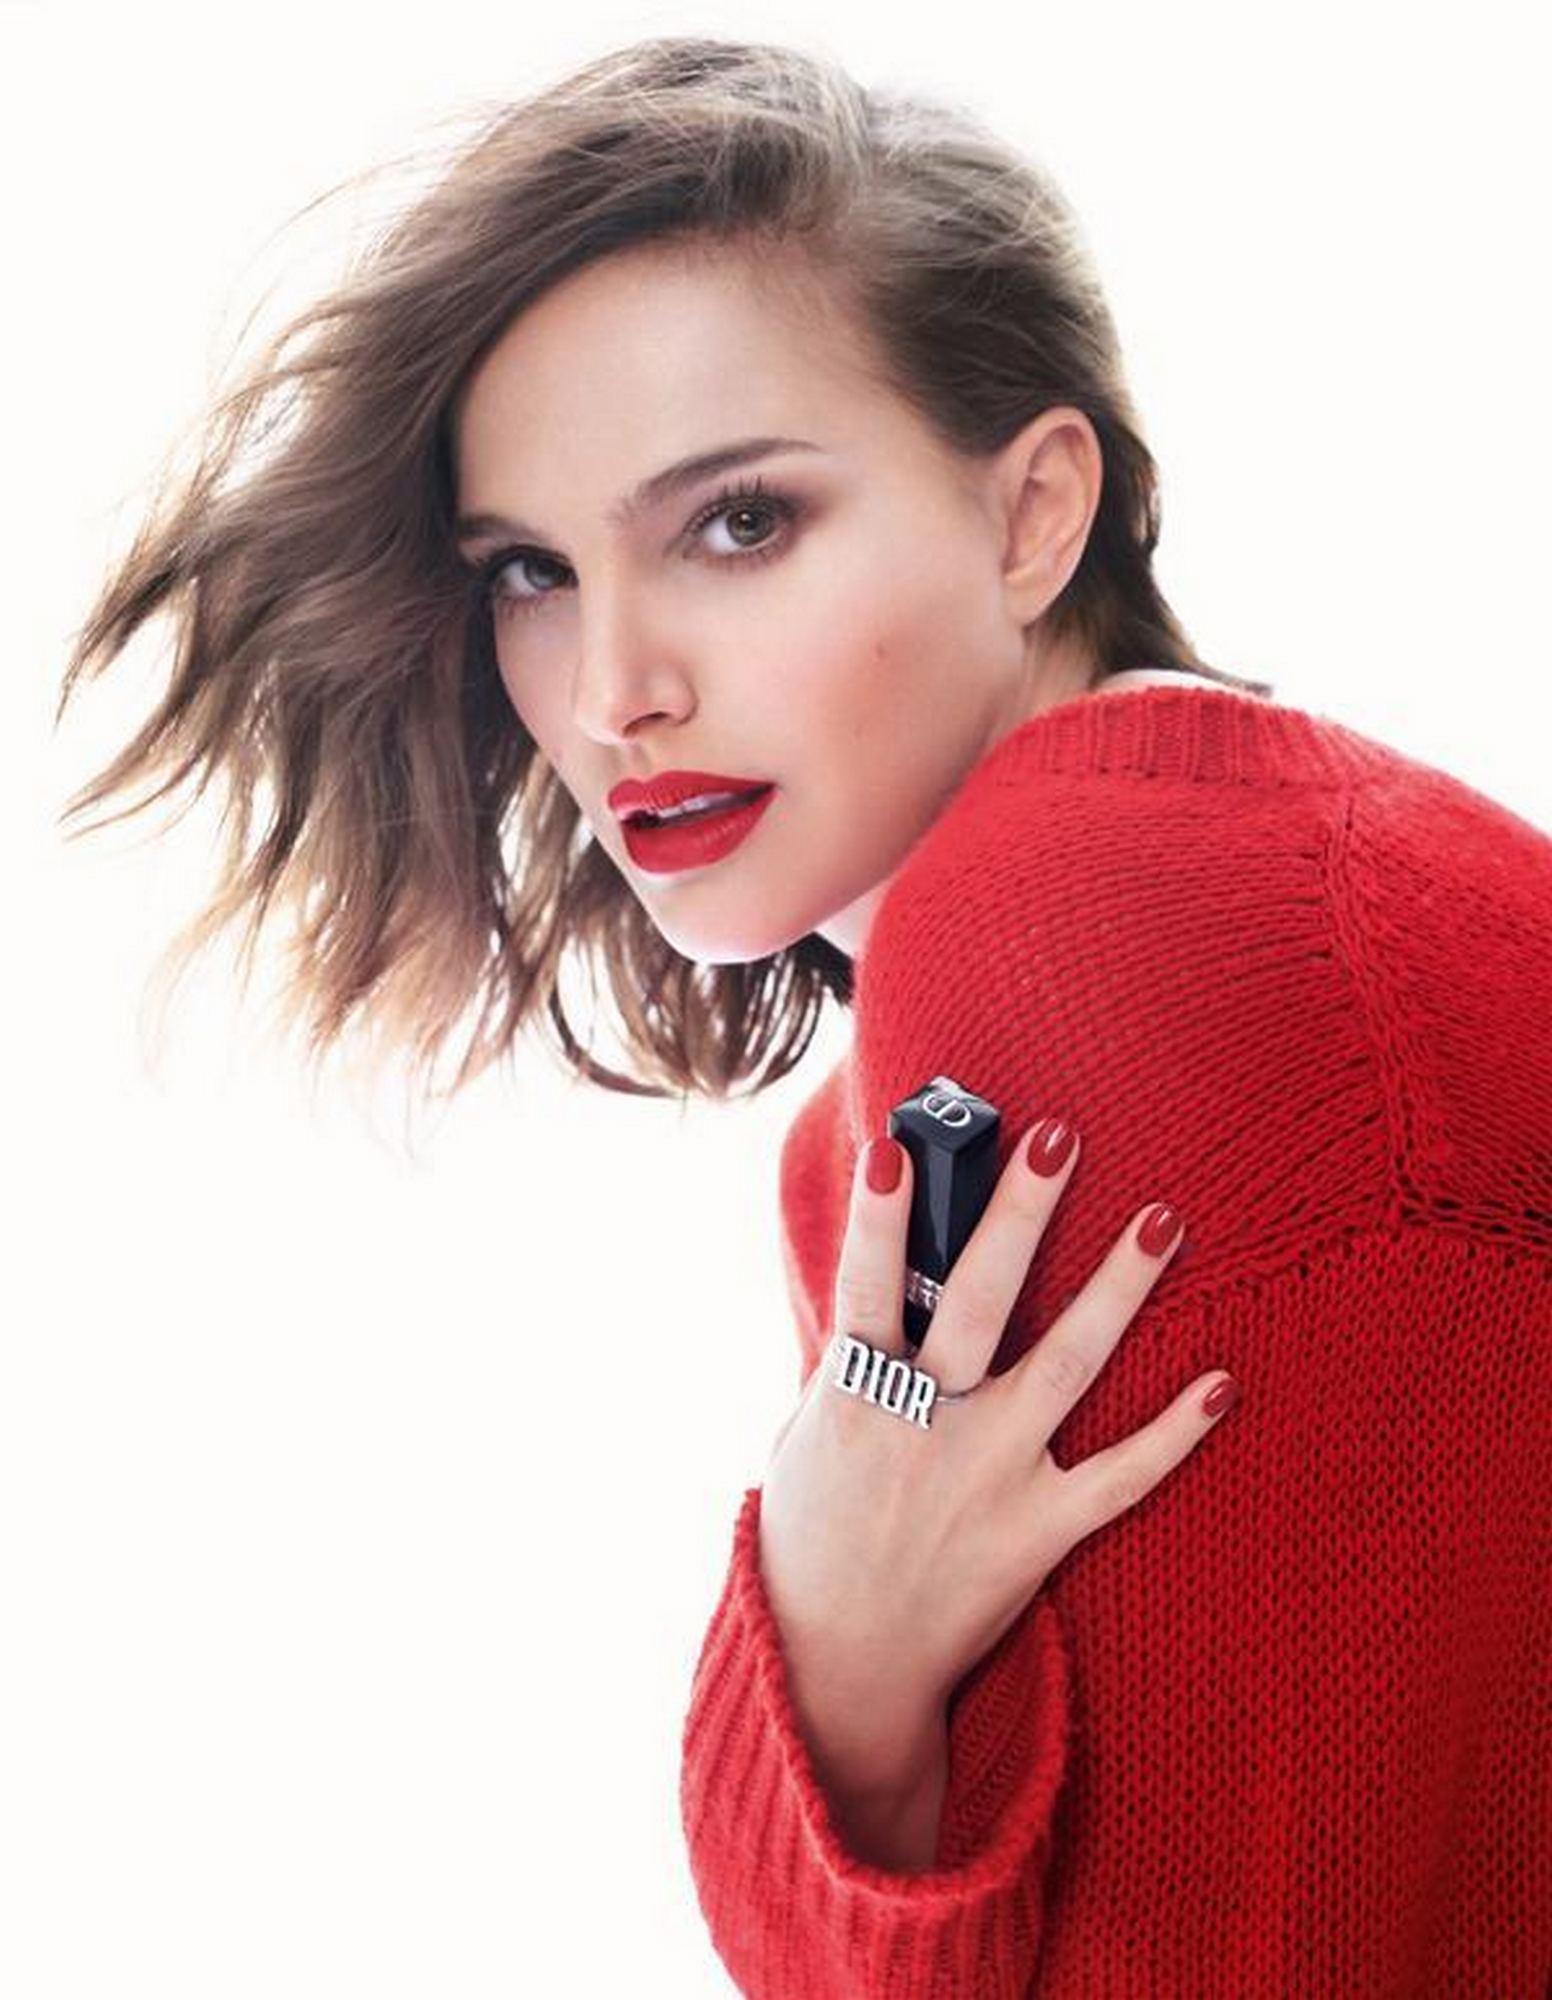 Natalie-Portman-Rouge-Dior-Ultra-Rouge-2018Natalie-Portman-Rouge-Dior-Ultra-Rouge-2018f01ef7954092264.jpg